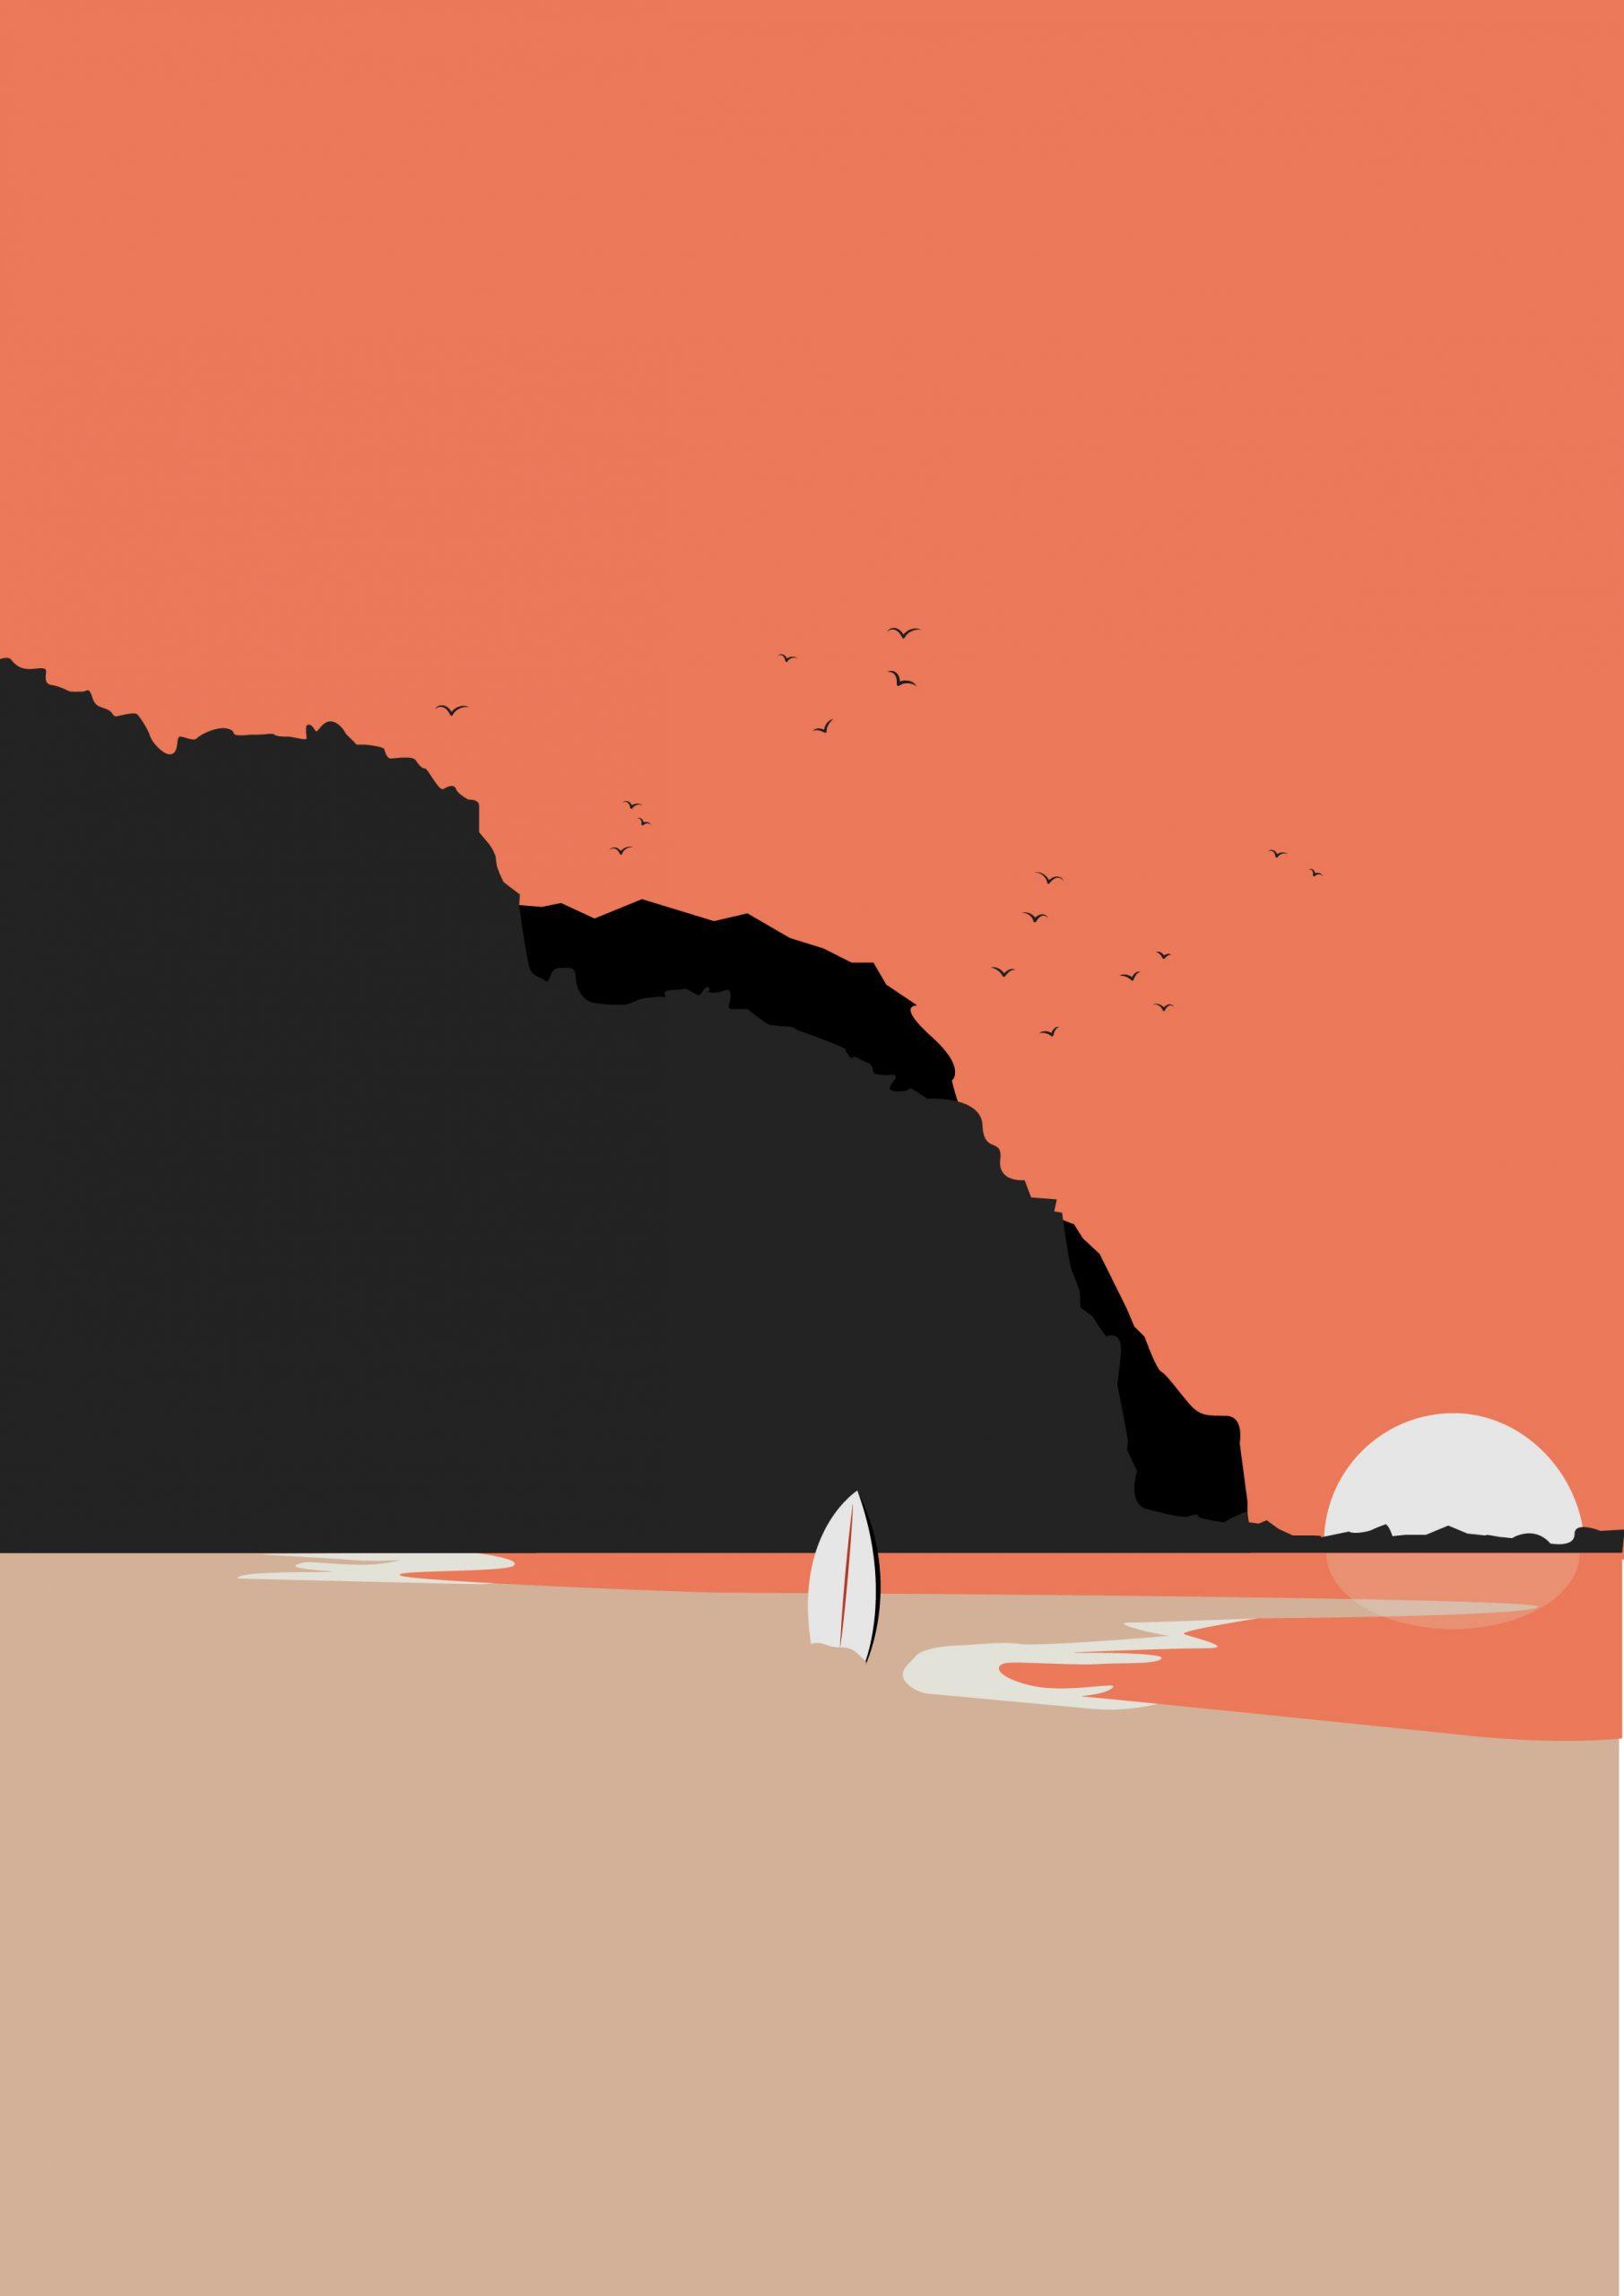 pink beach_Plan de travail 1